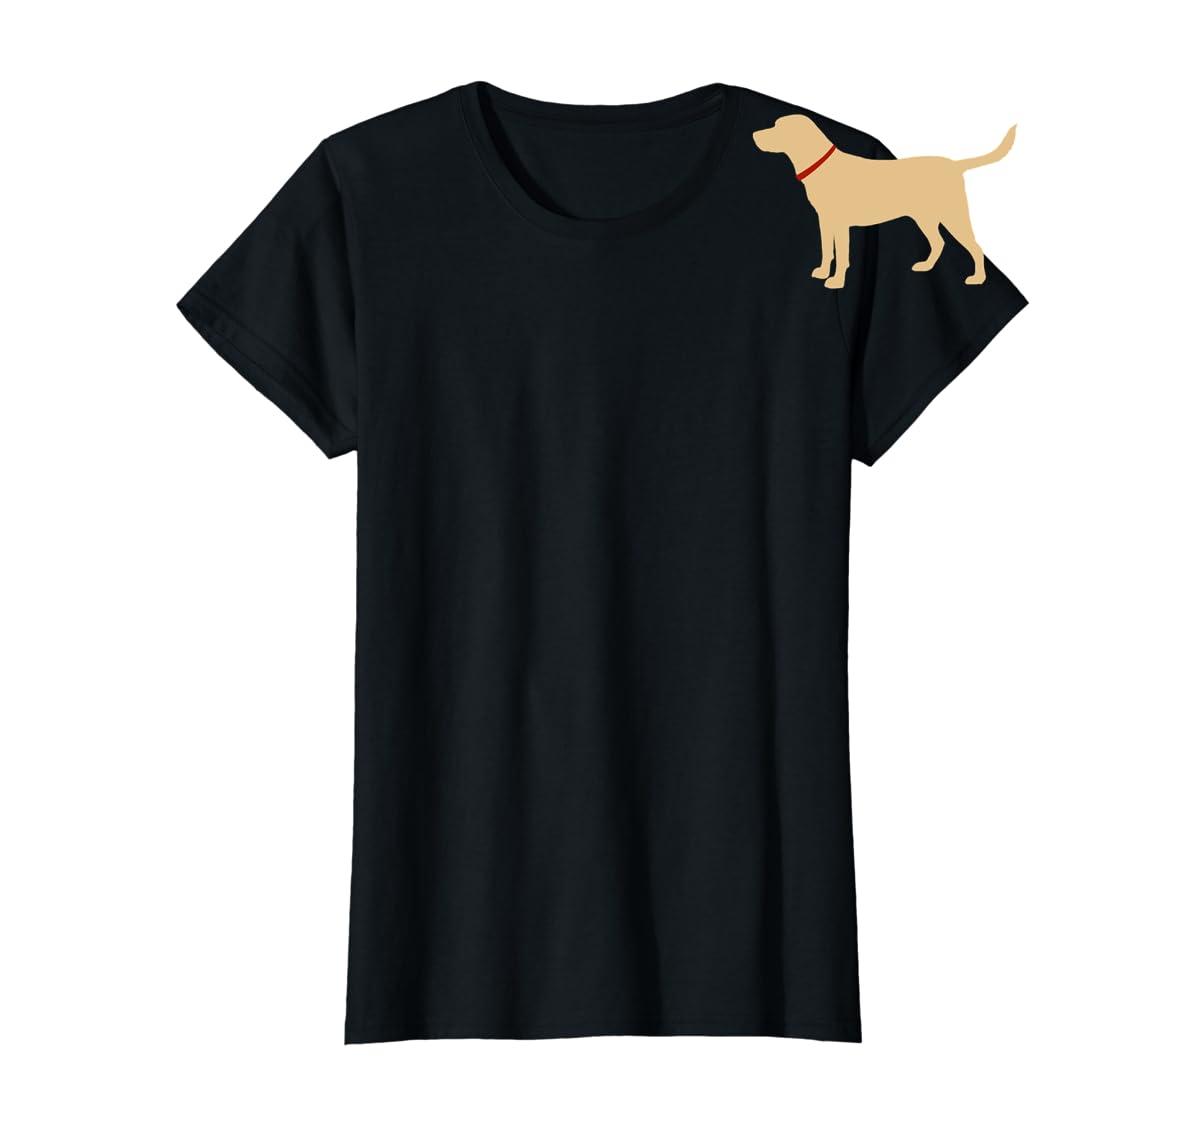 Labrador Retriever Emoji T-shirt Yellow Lab Lover Gift-Women's T-Shirt-Black